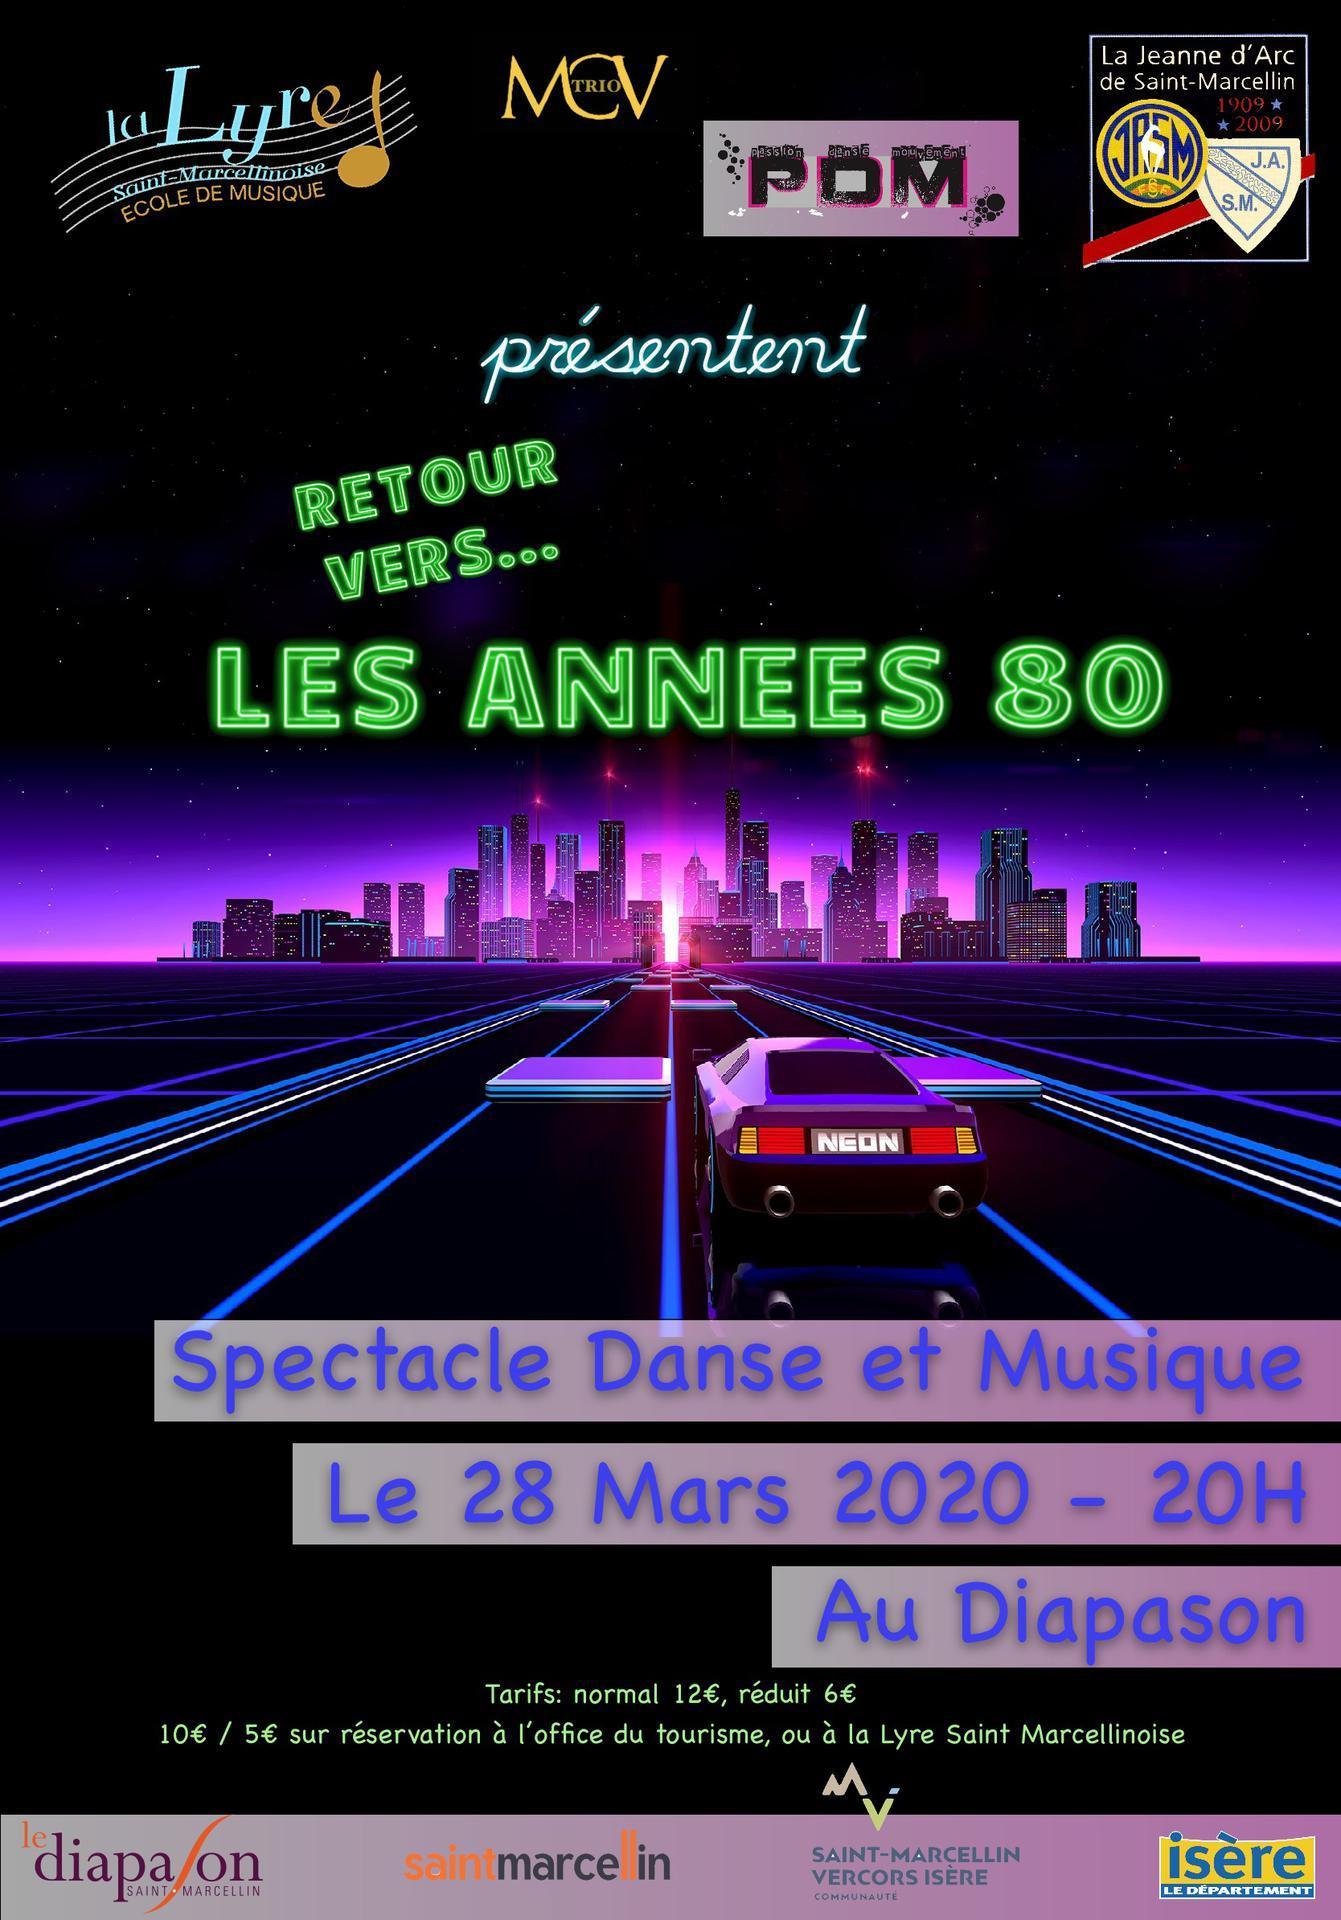 La Lyre Saint Marcellinoise concert les annees 80 28 mars 2020